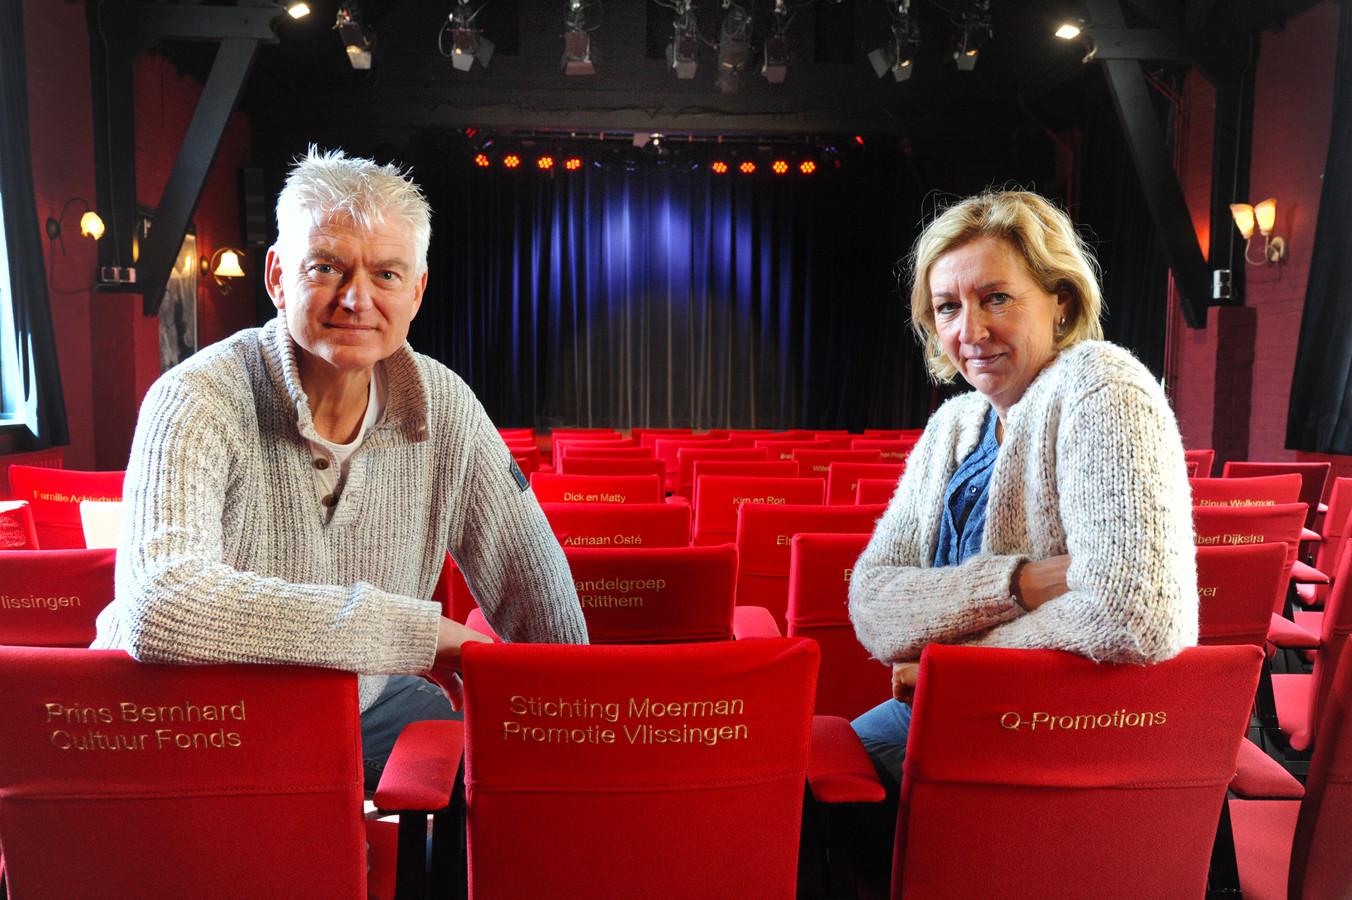 Peter en Esther de Neef op gesponsorde stoelen in de zaal van Theater De Verwachting.